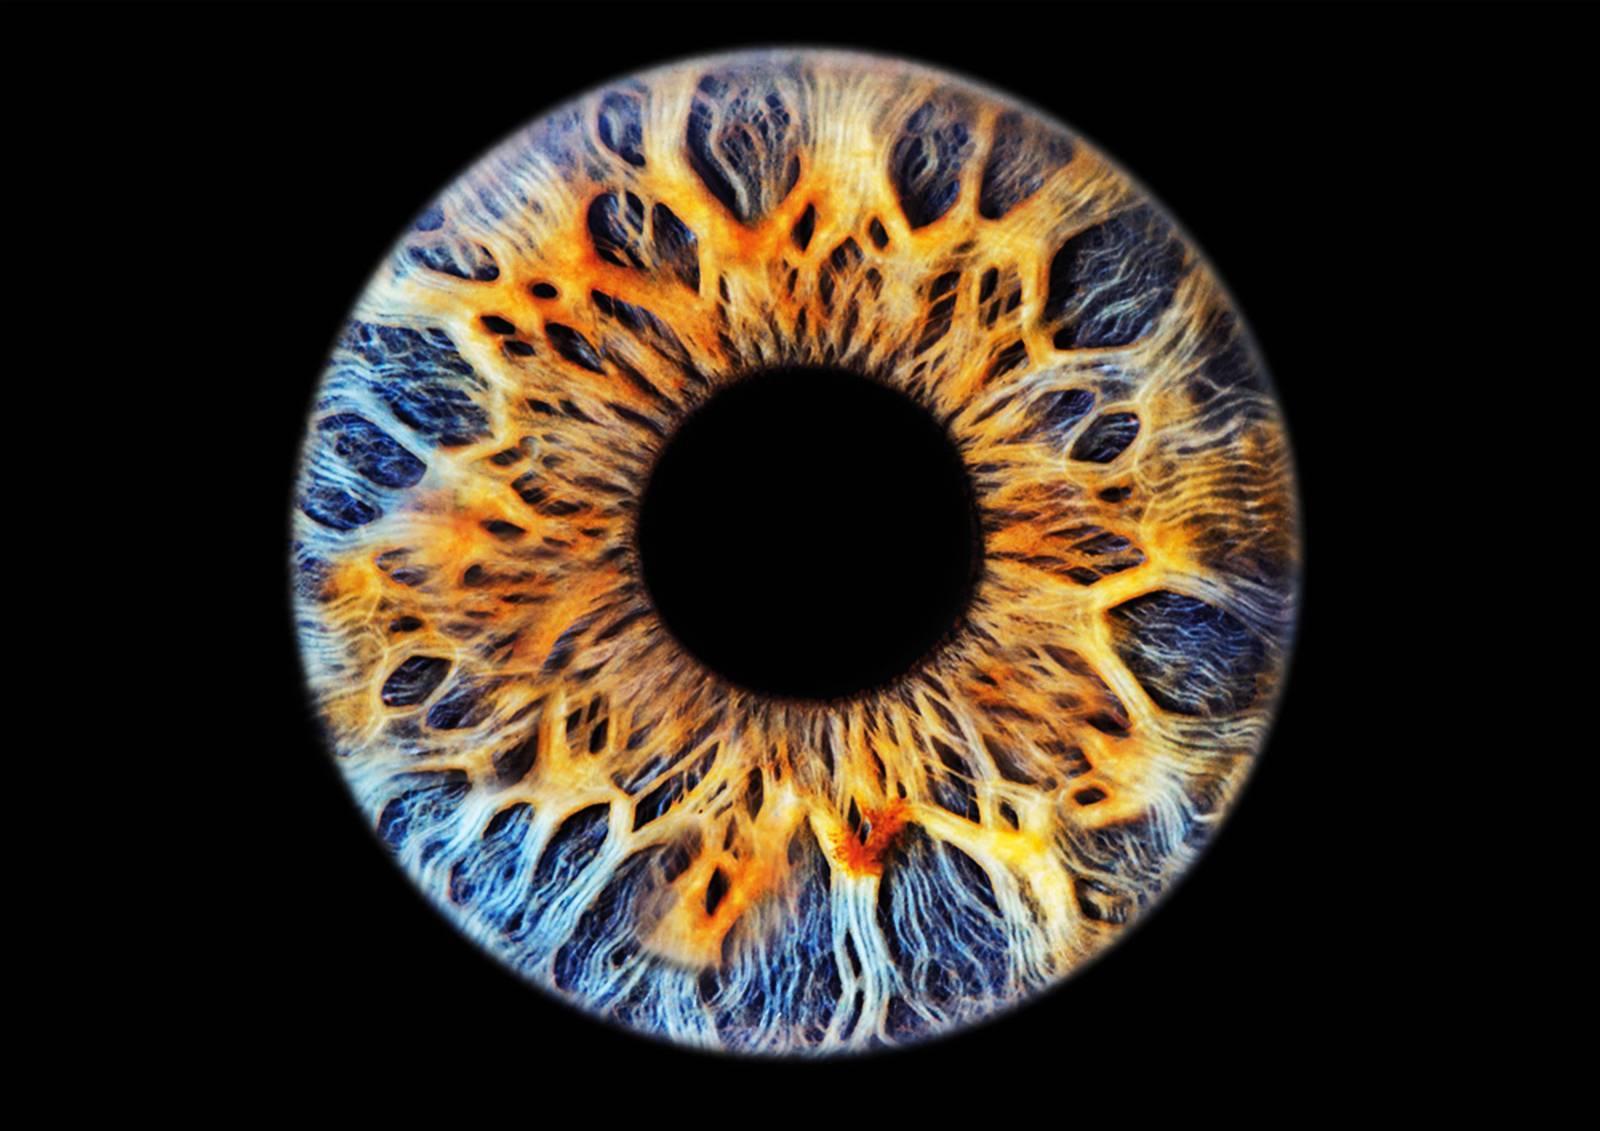 глазная радужница